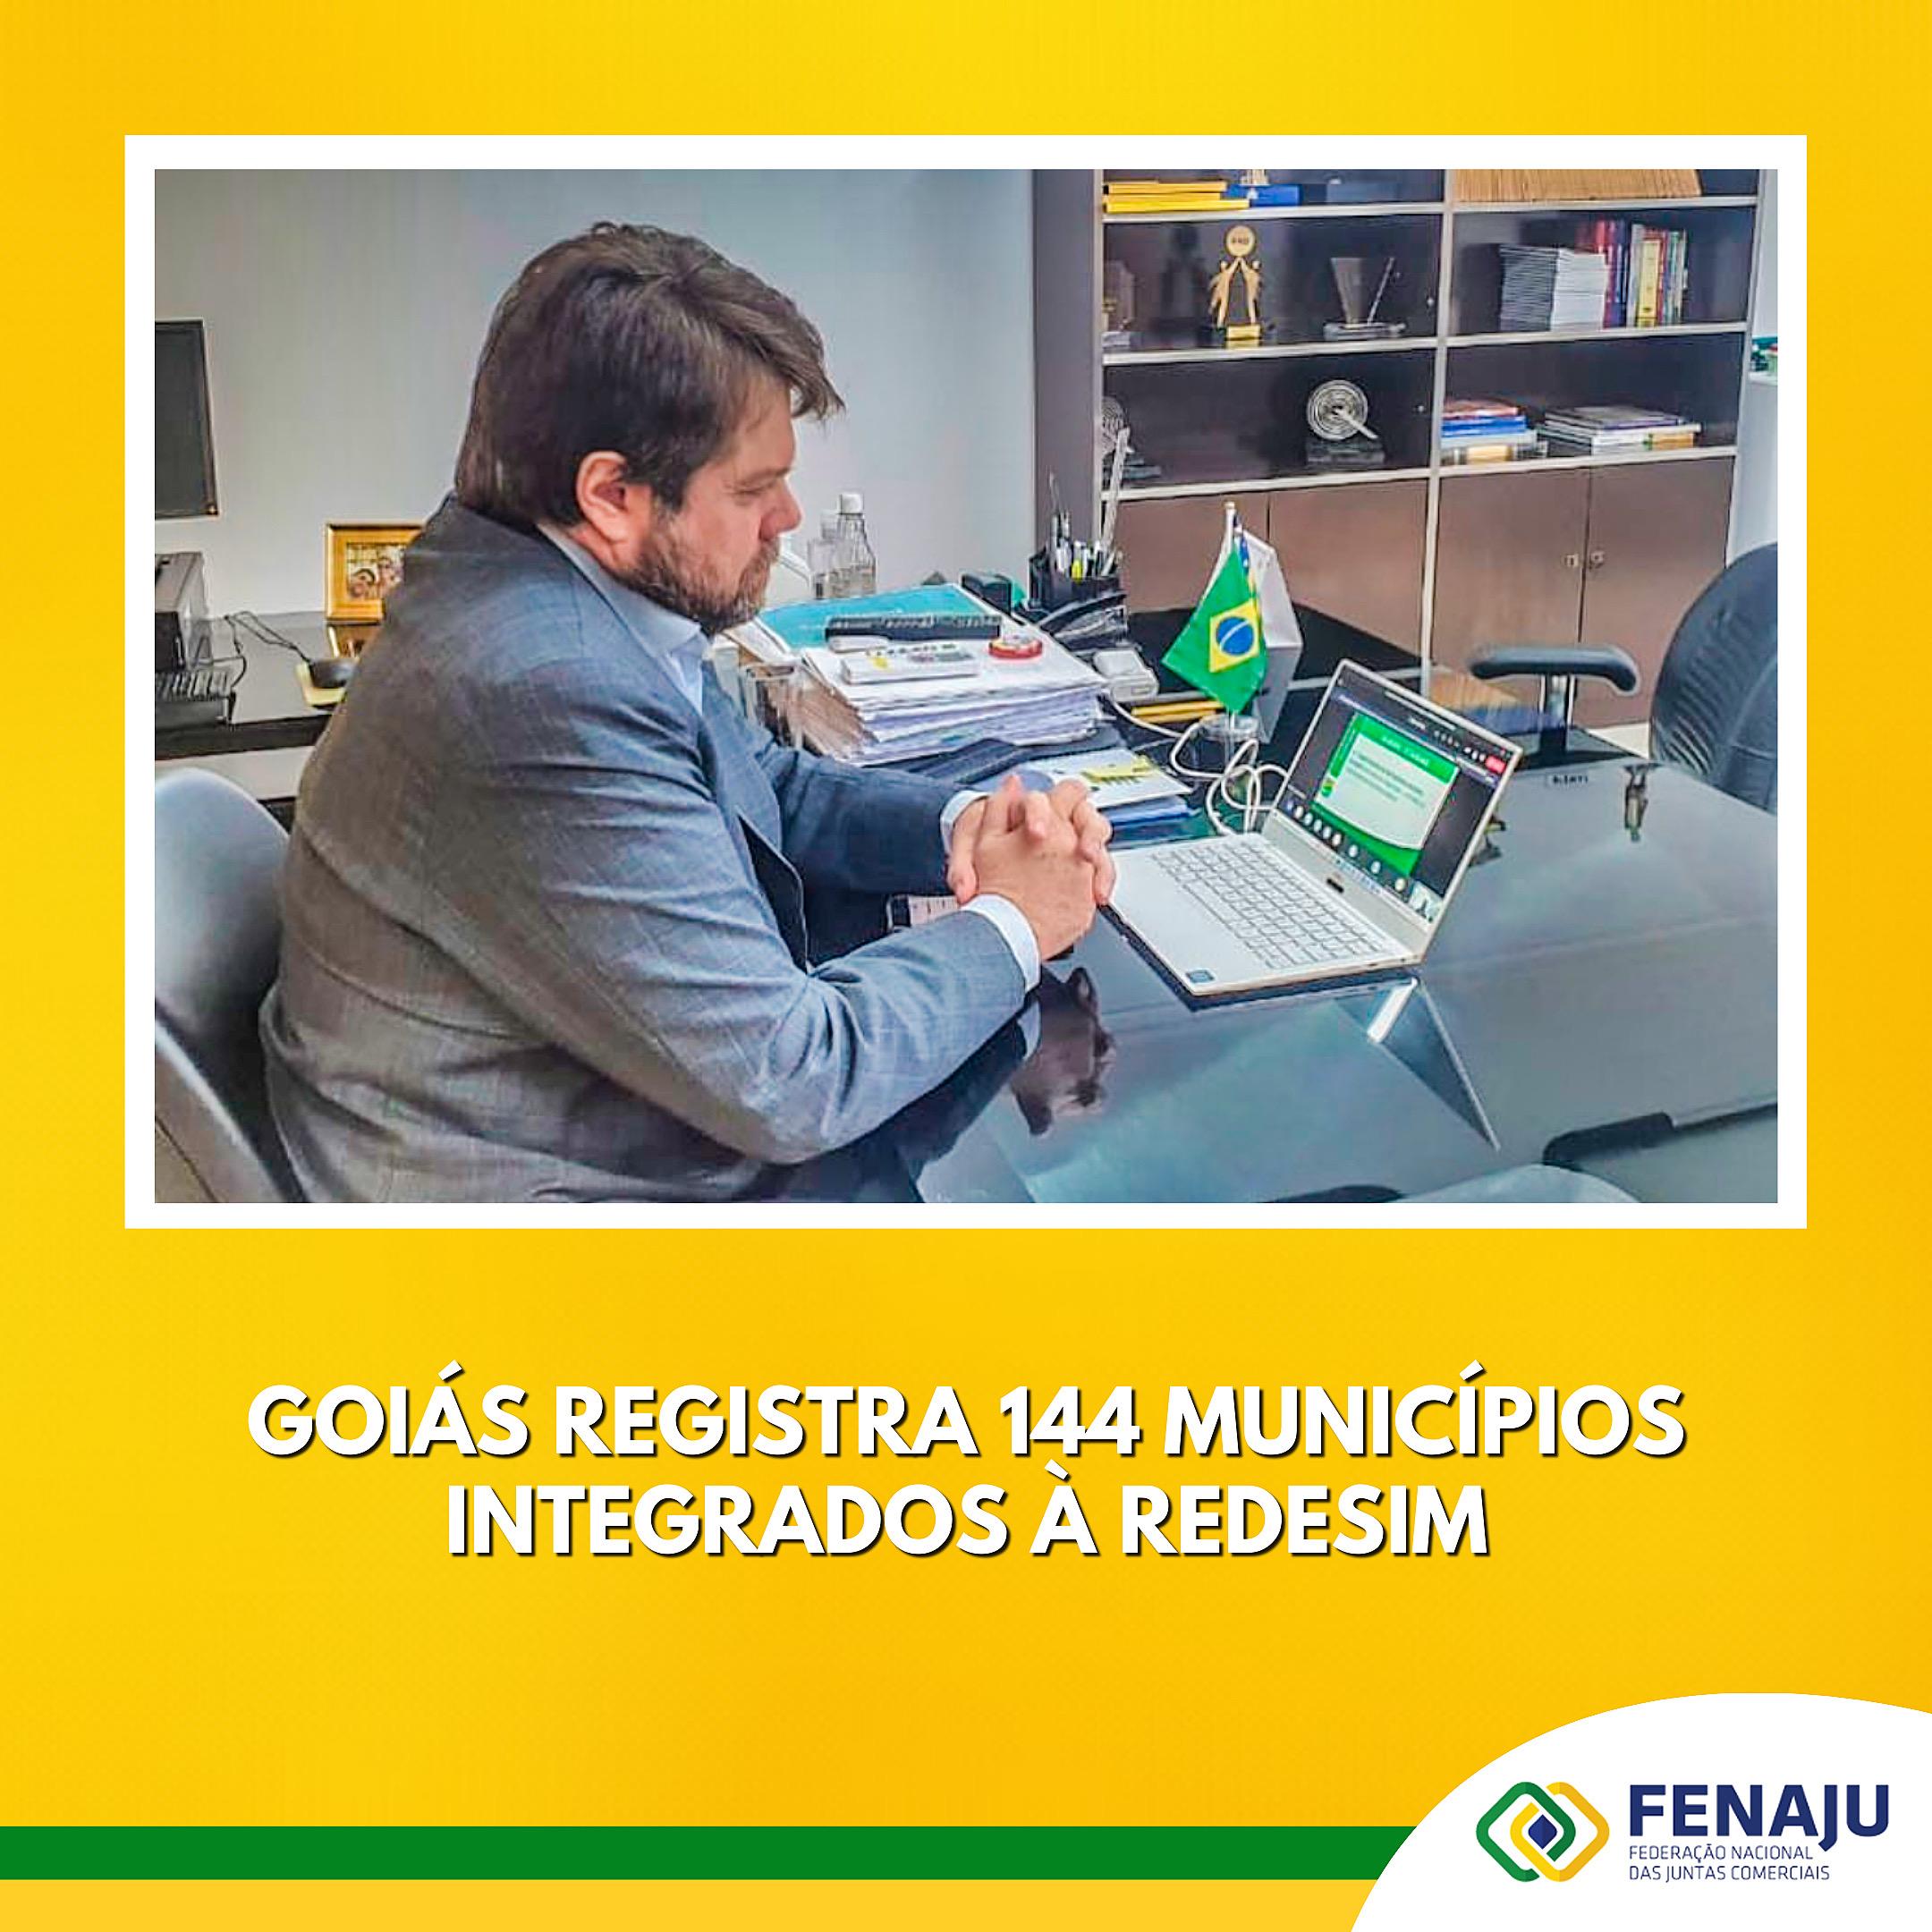 Goiás registra 144 municípios integrados à Redesim